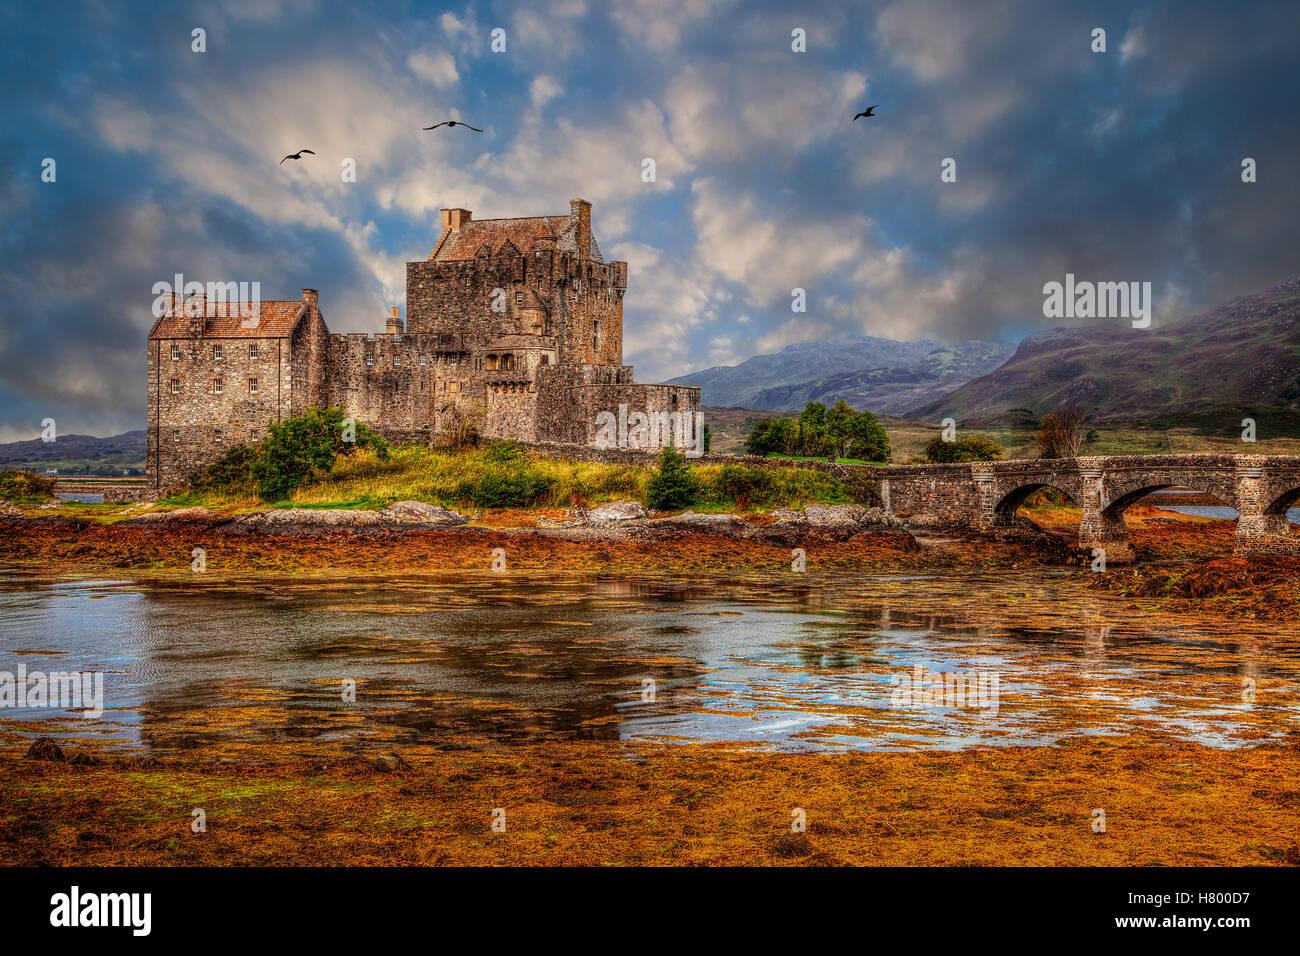 Eilean Donan Castle on Loch Duic In Scotland UK - Stock Image